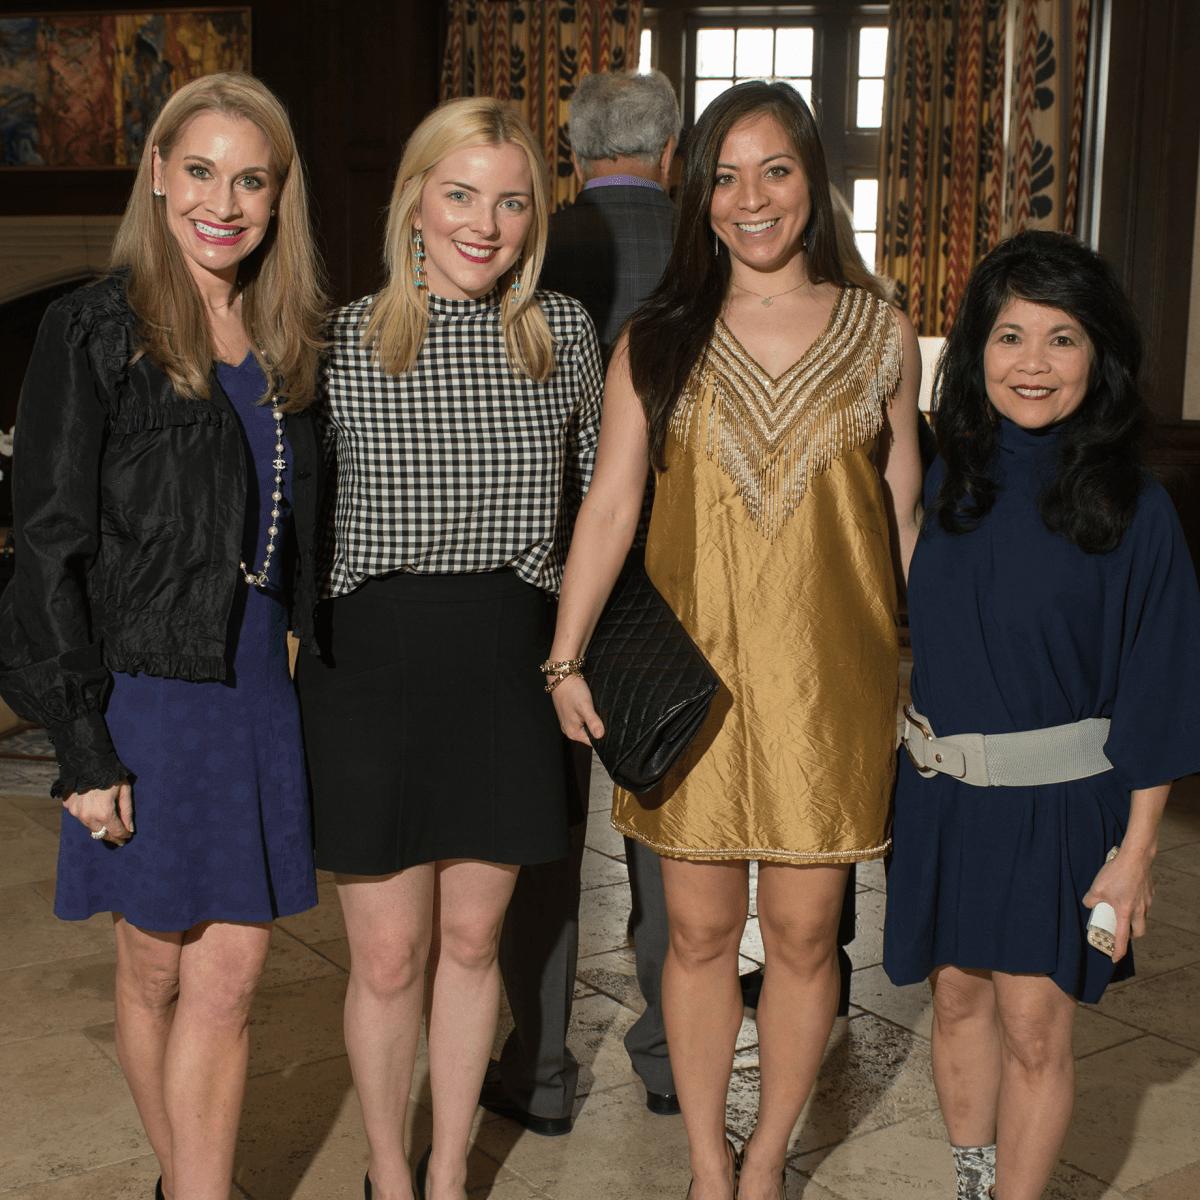 Maggie Kipp, Jane Rozelle, Samantha Wortley, Nancy Gopez